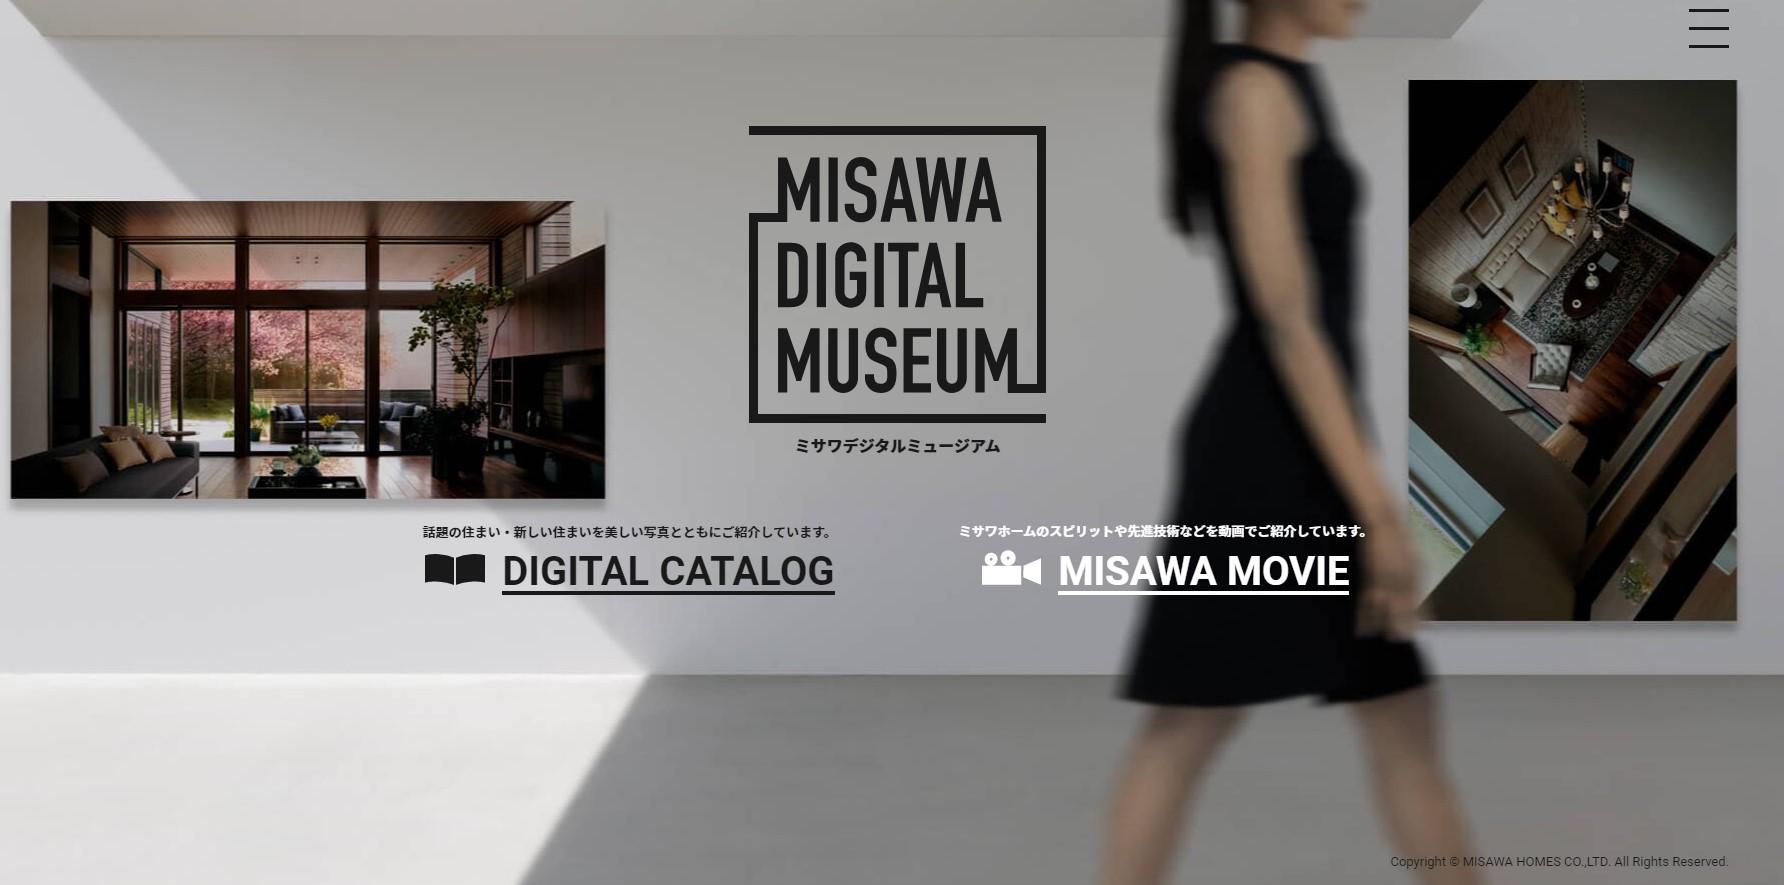 ミサワデジタルミュージアム